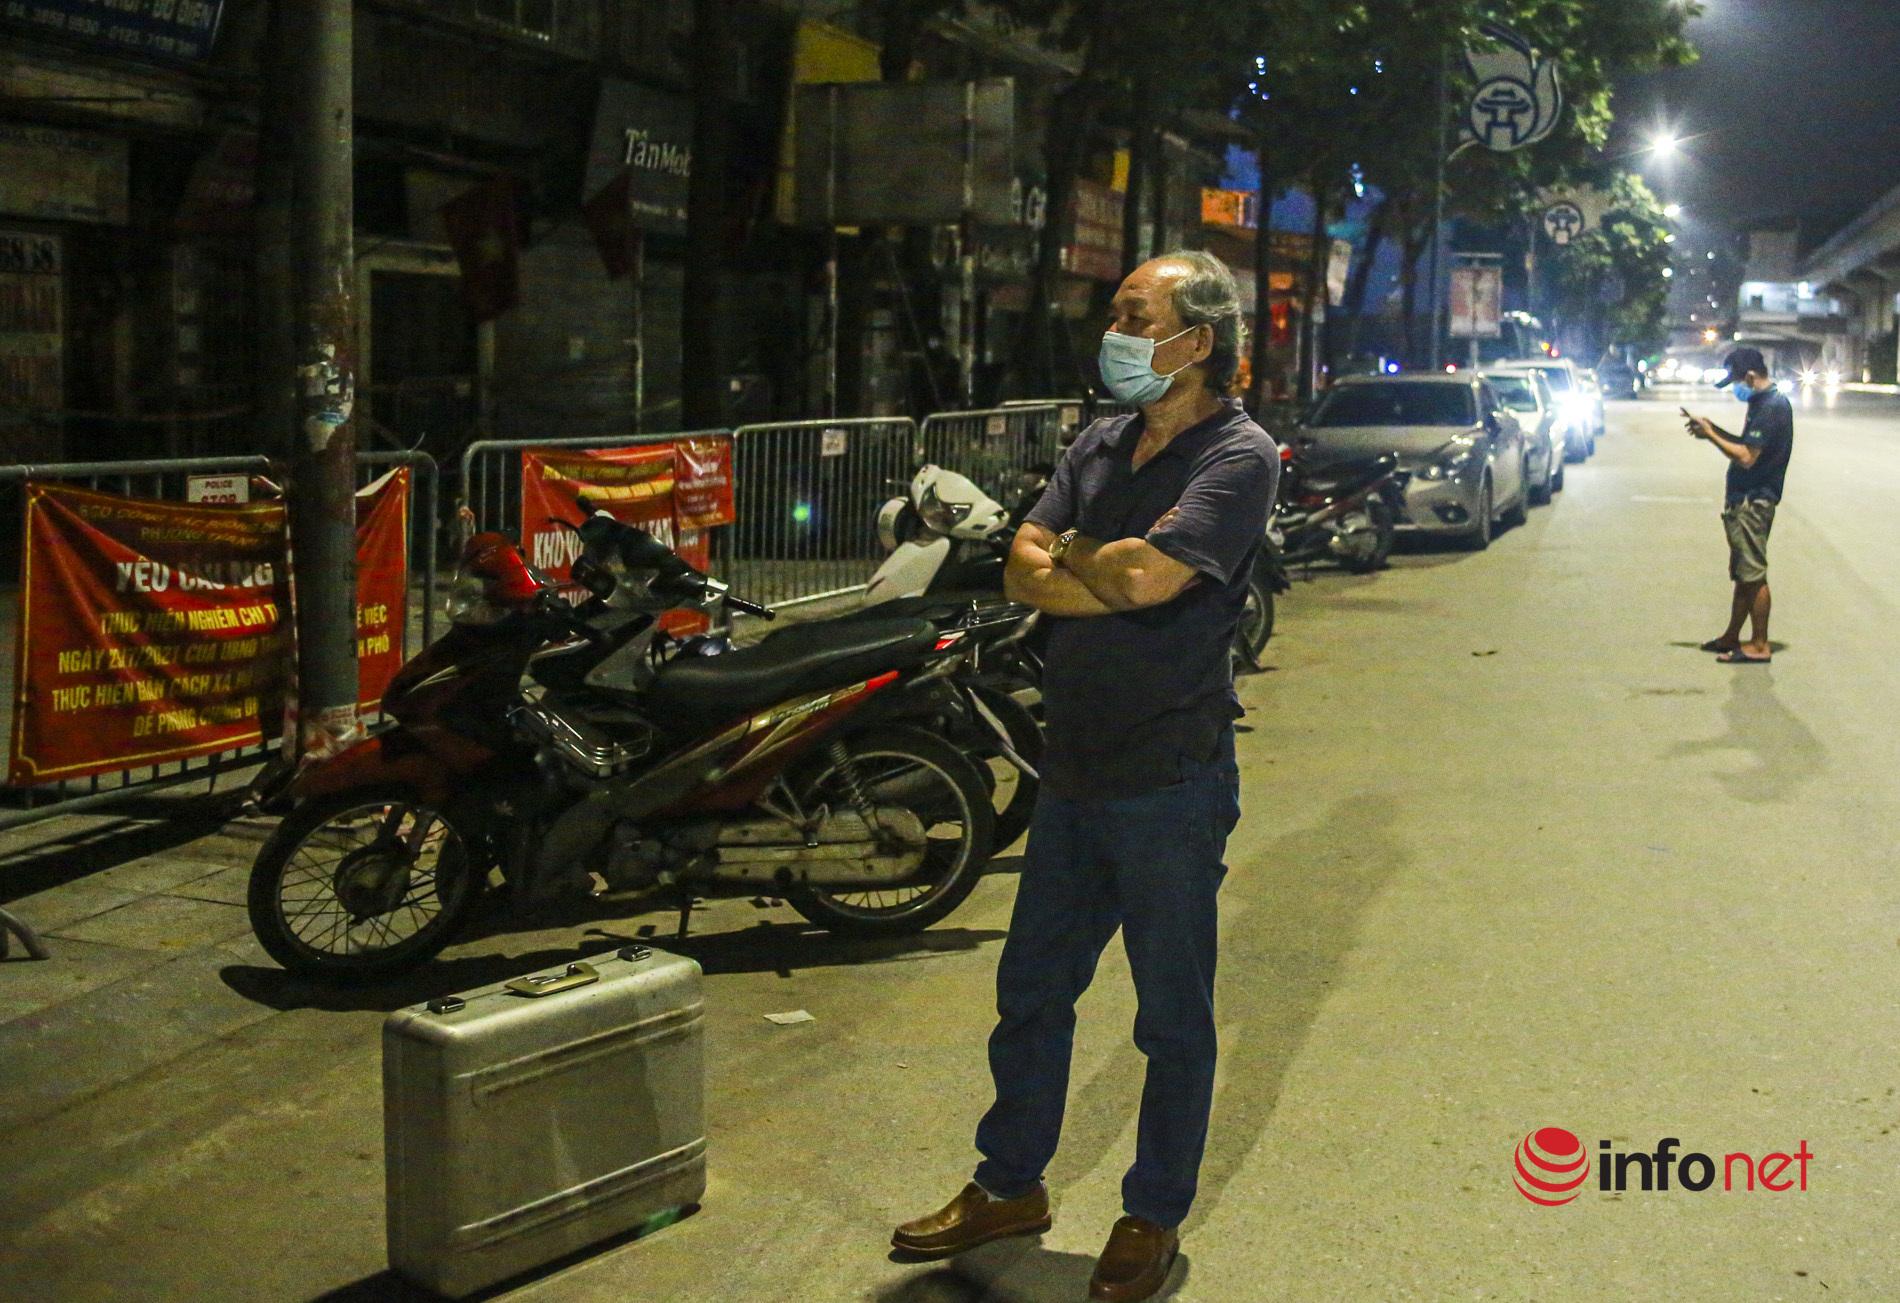 COVID-19,ca bệnh,Hà Nội,Thanh Xuân Trung,ngõ 328-330 đường Nguyễn Trãi,quận Thanh Xuân,gỡ bỏ phong tỏa